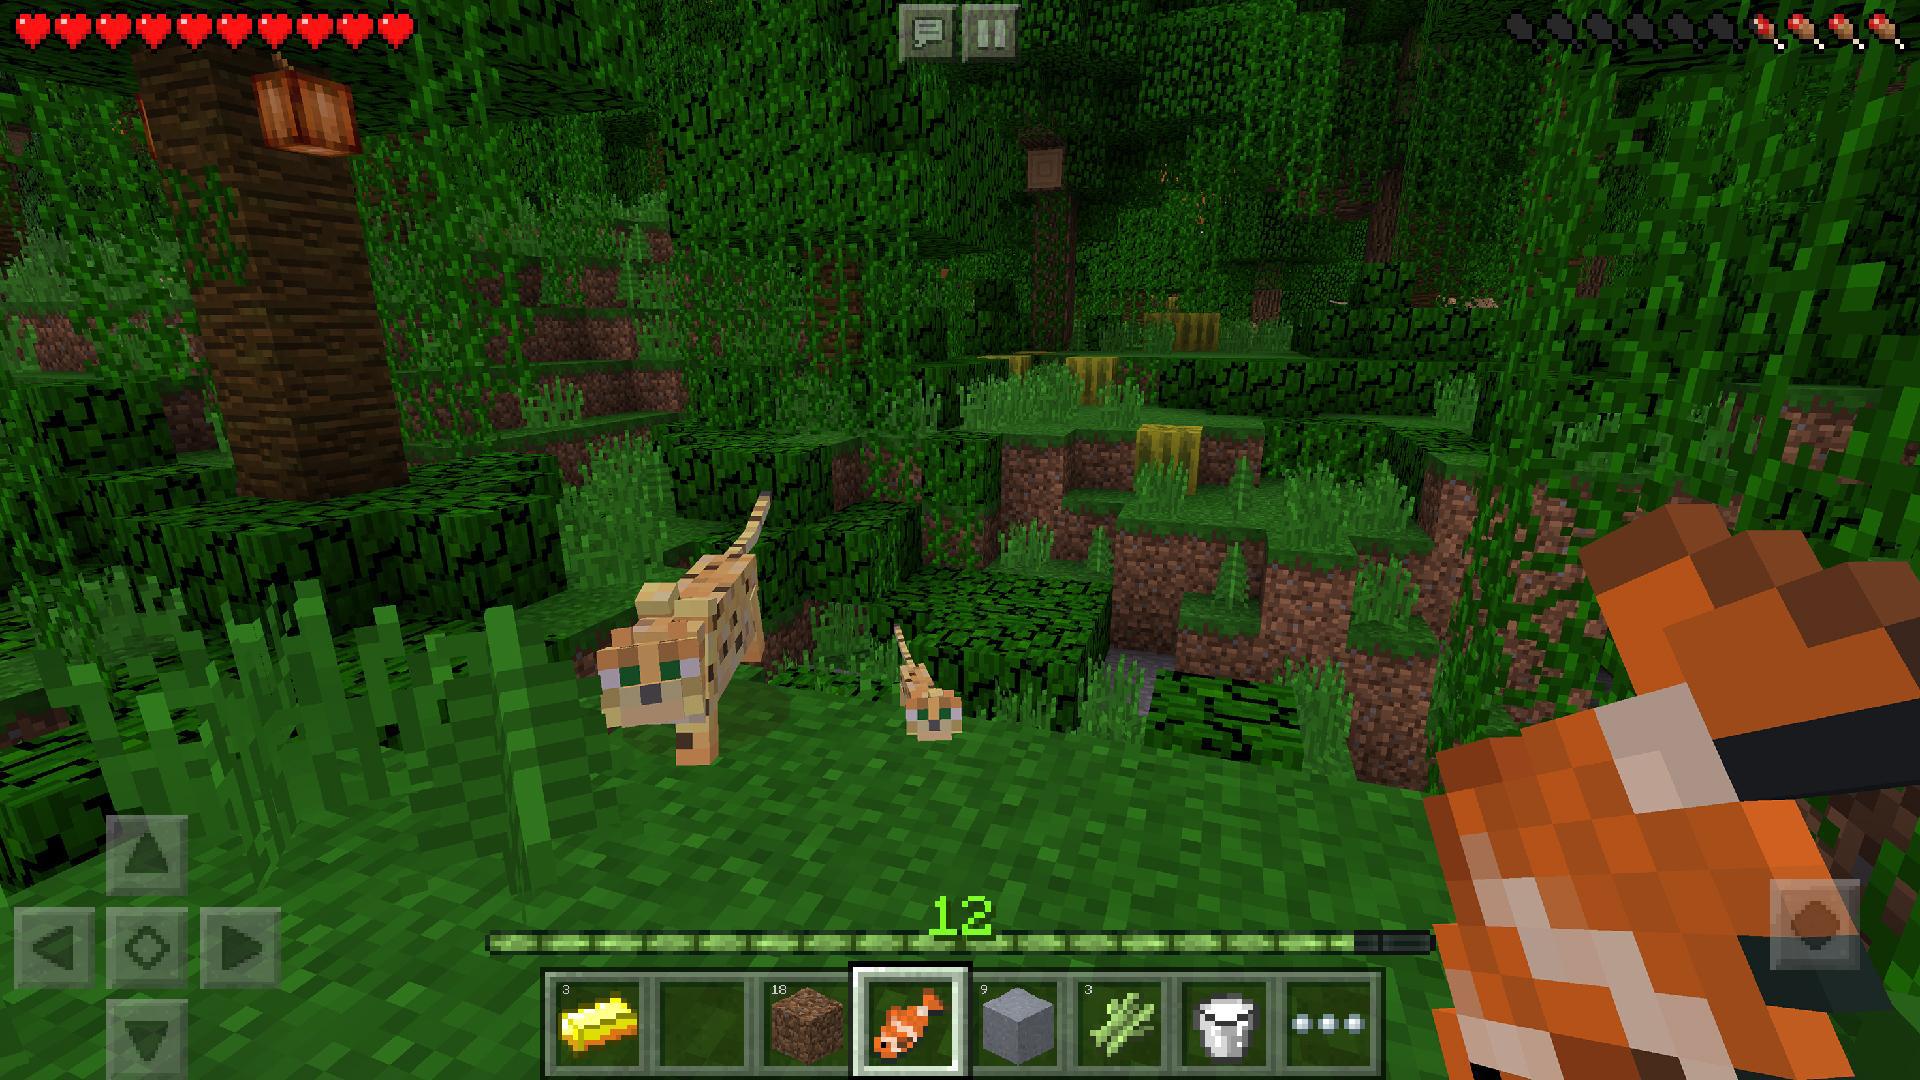 Ігра Адам і Єва онлайн. Грати безкоштовно